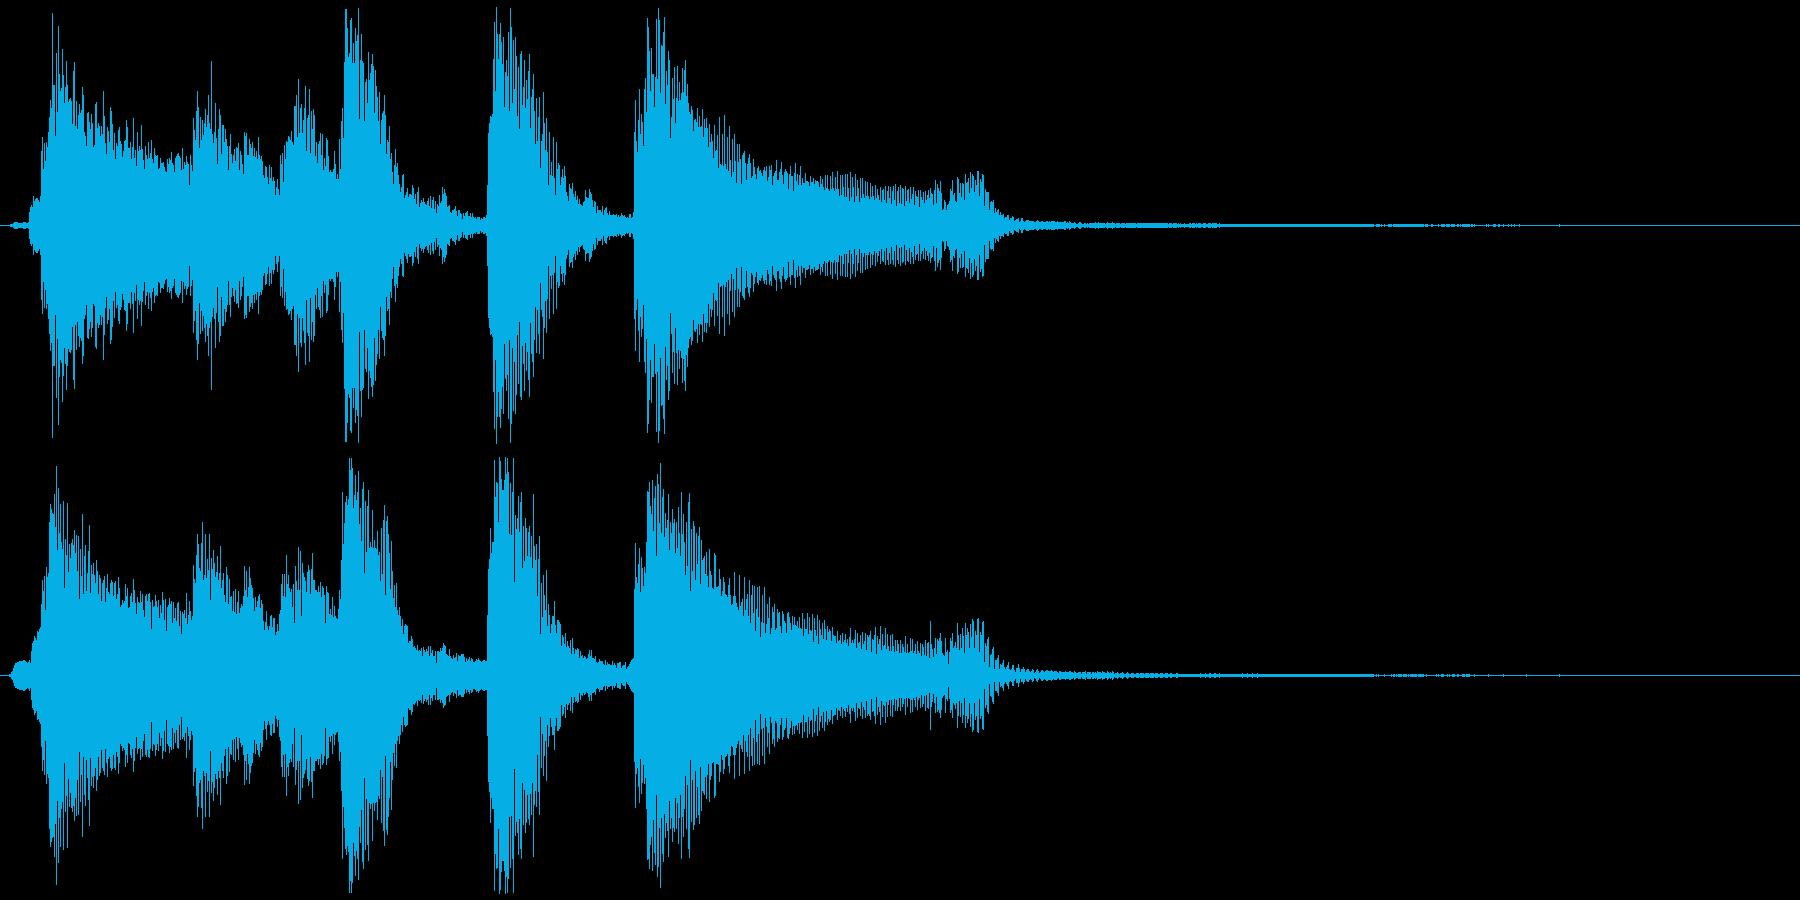 かわいくてキラキラしたファンファーレの再生済みの波形